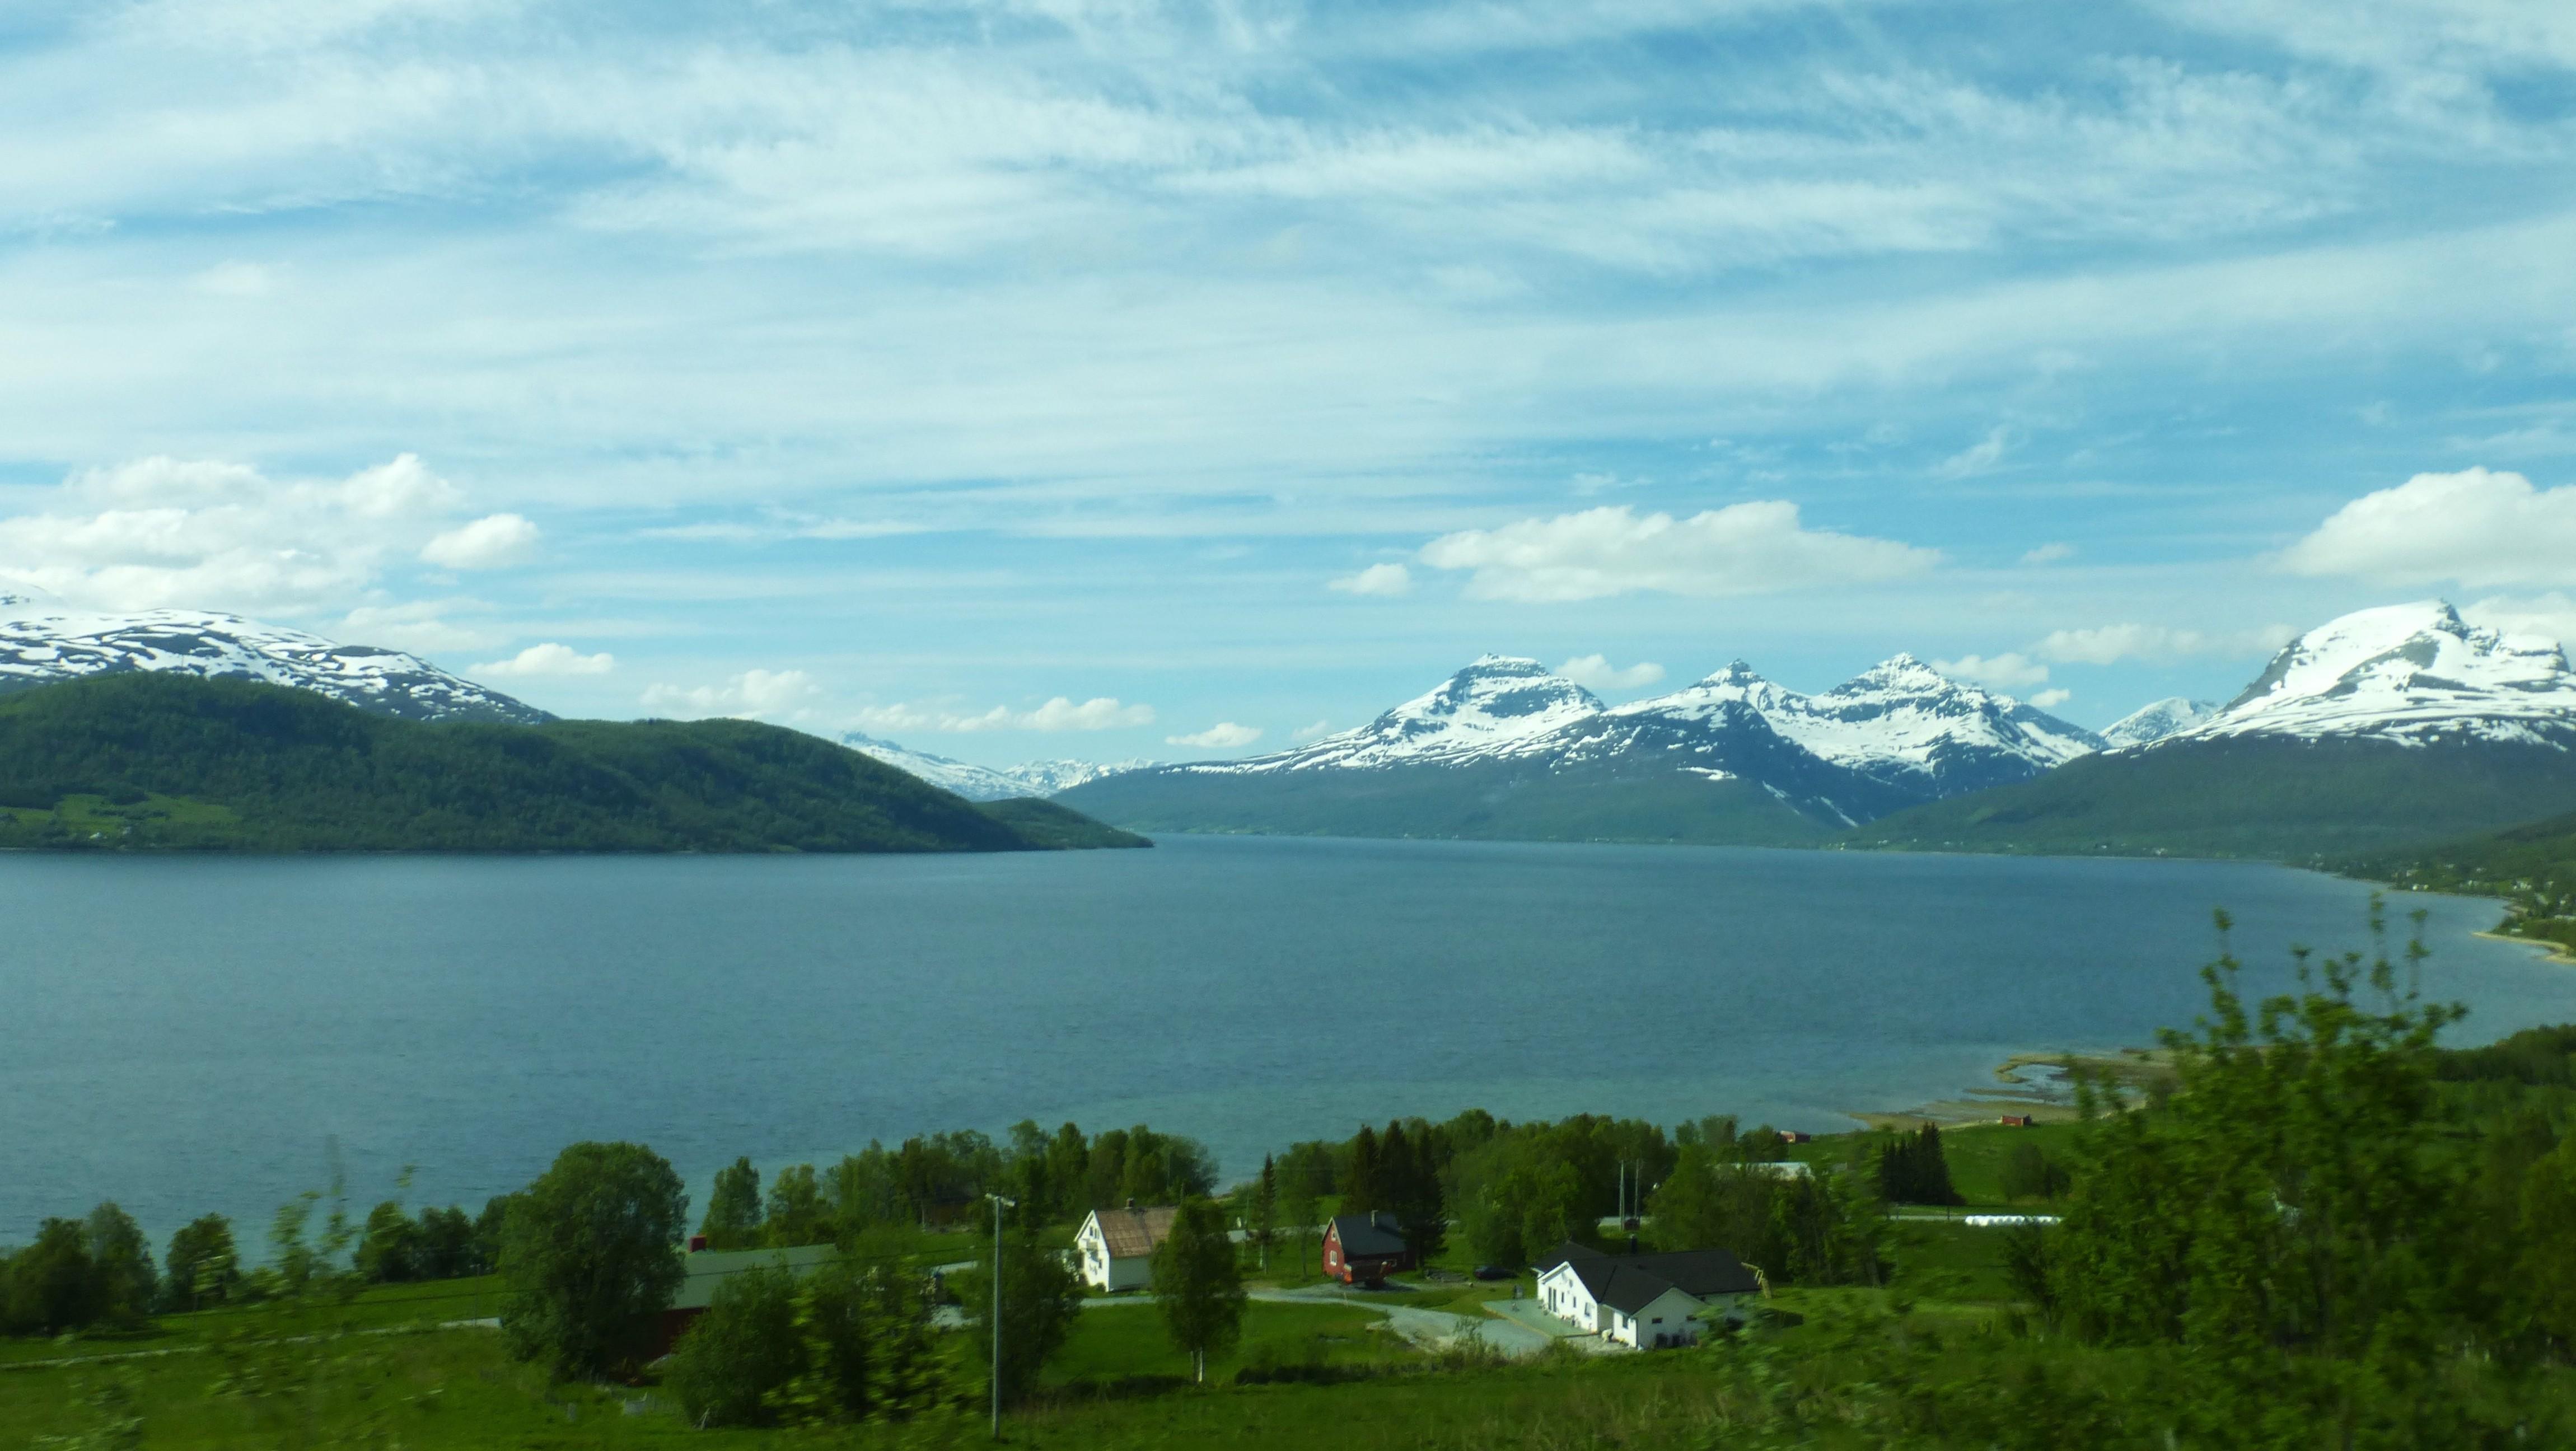 2015-06-22 (32) sur la route de Tromso